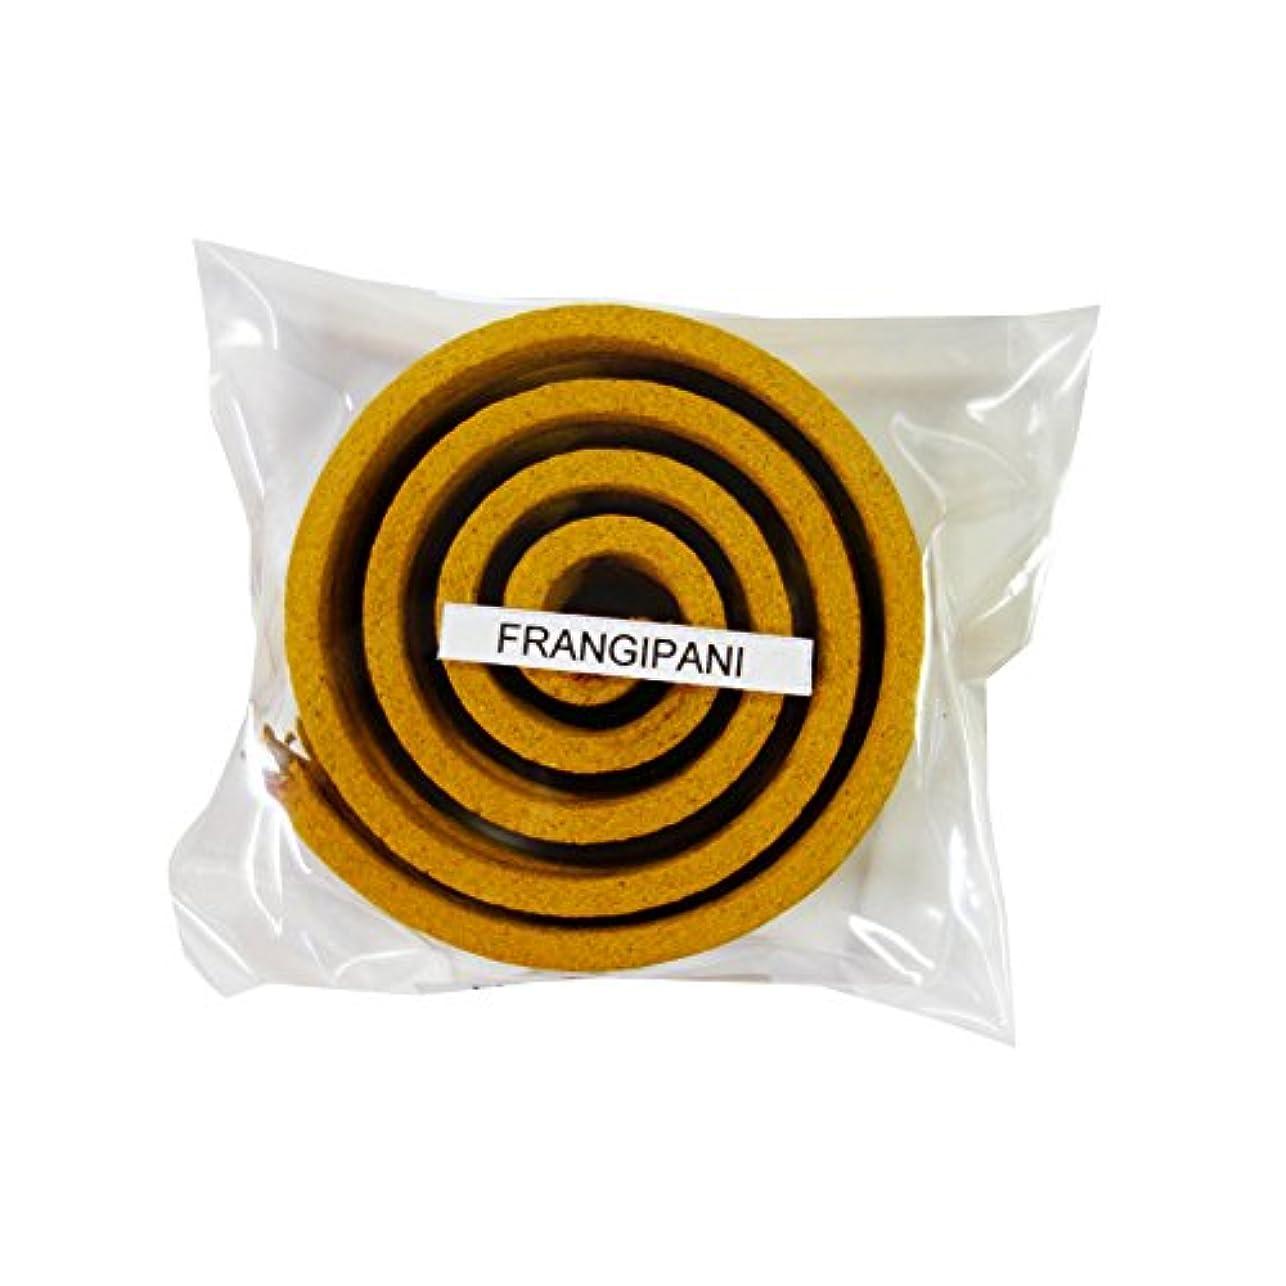 想定する平凡試験お香/うずまき香 FRANGIPANI フランジパニ 直径5cm×5巻セット [並行輸入品]